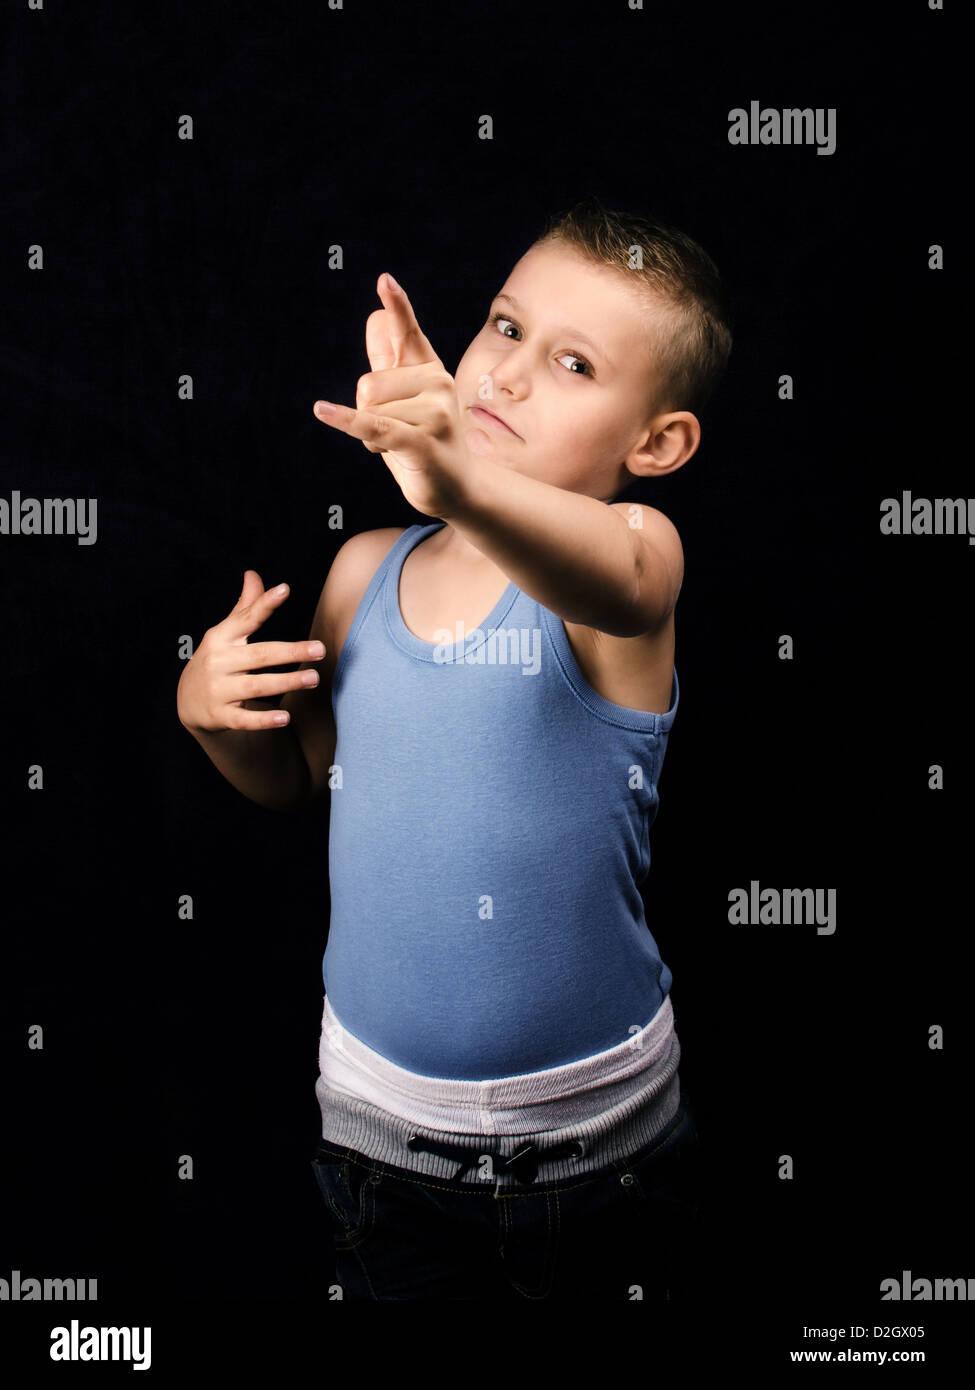 Les jeunes enfants encouragés à exercer Photo Stock